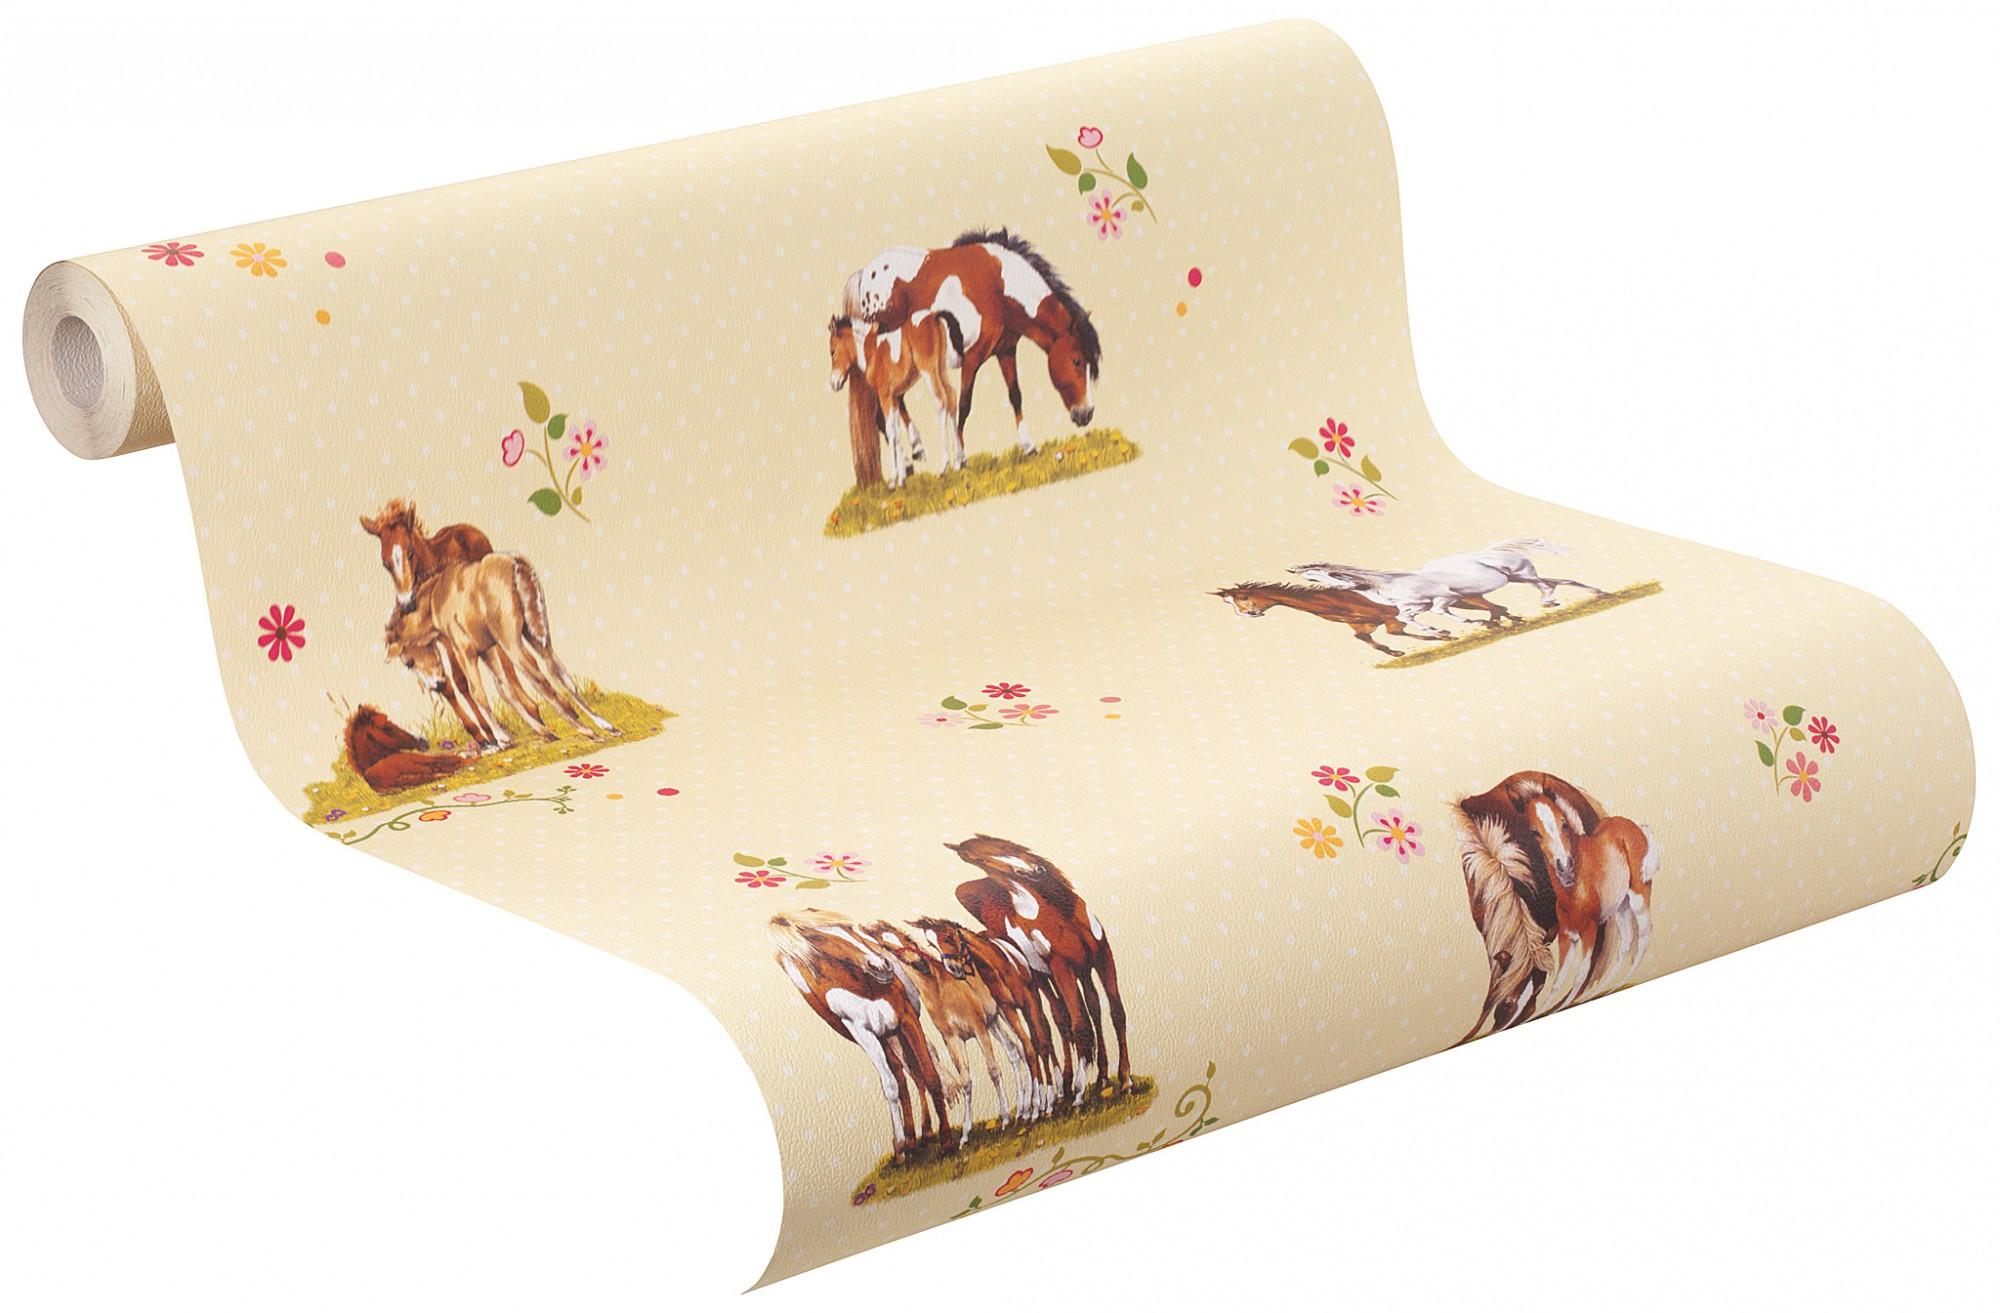 tapete punkte pferde blumen wei gelb bunt kindertapete rasch 290509 1 64 1qm ebay. Black Bedroom Furniture Sets. Home Design Ideas